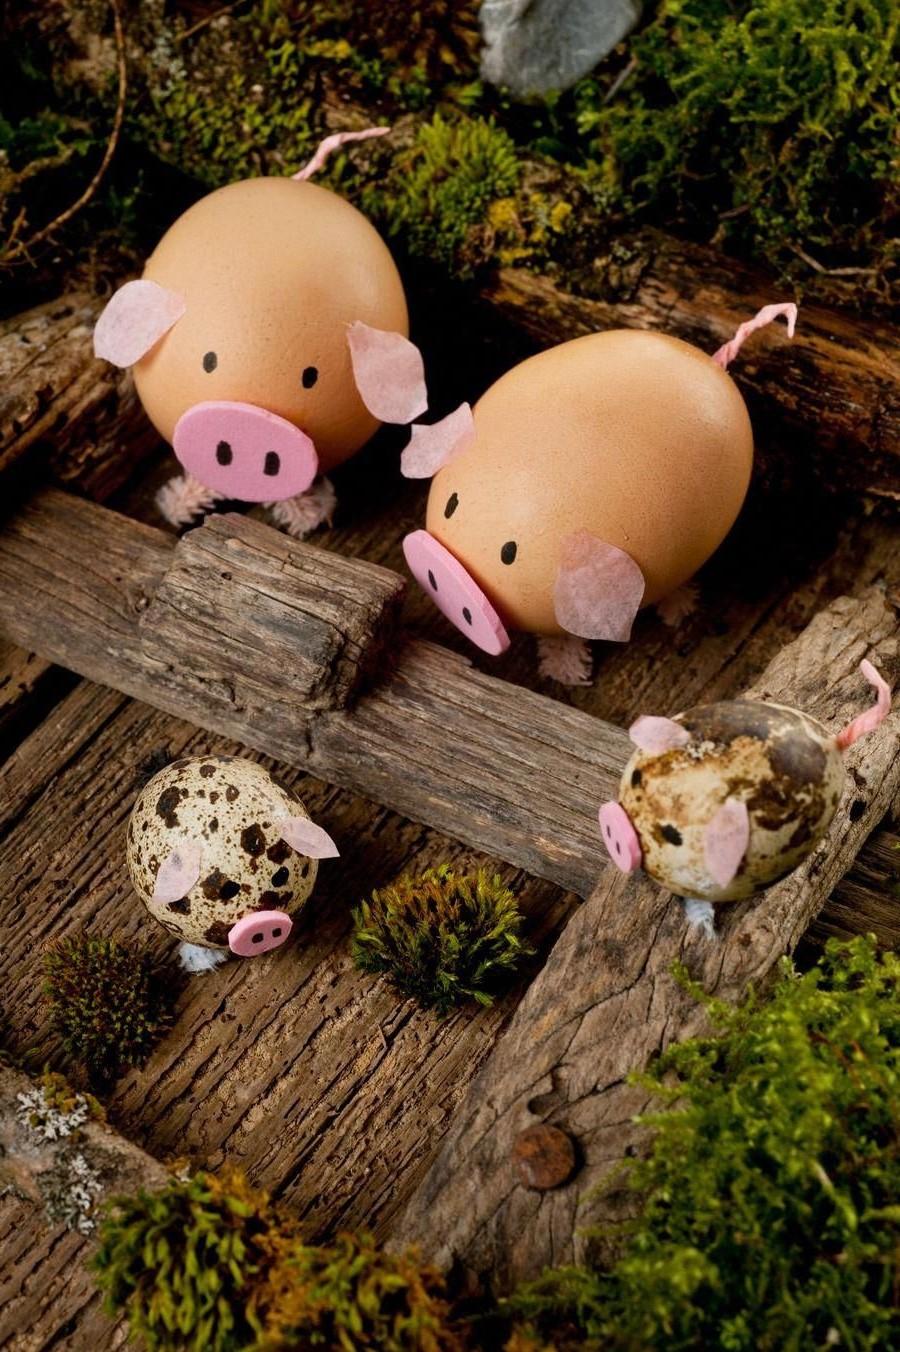 Cochons drôles comme décoration de Pâques.